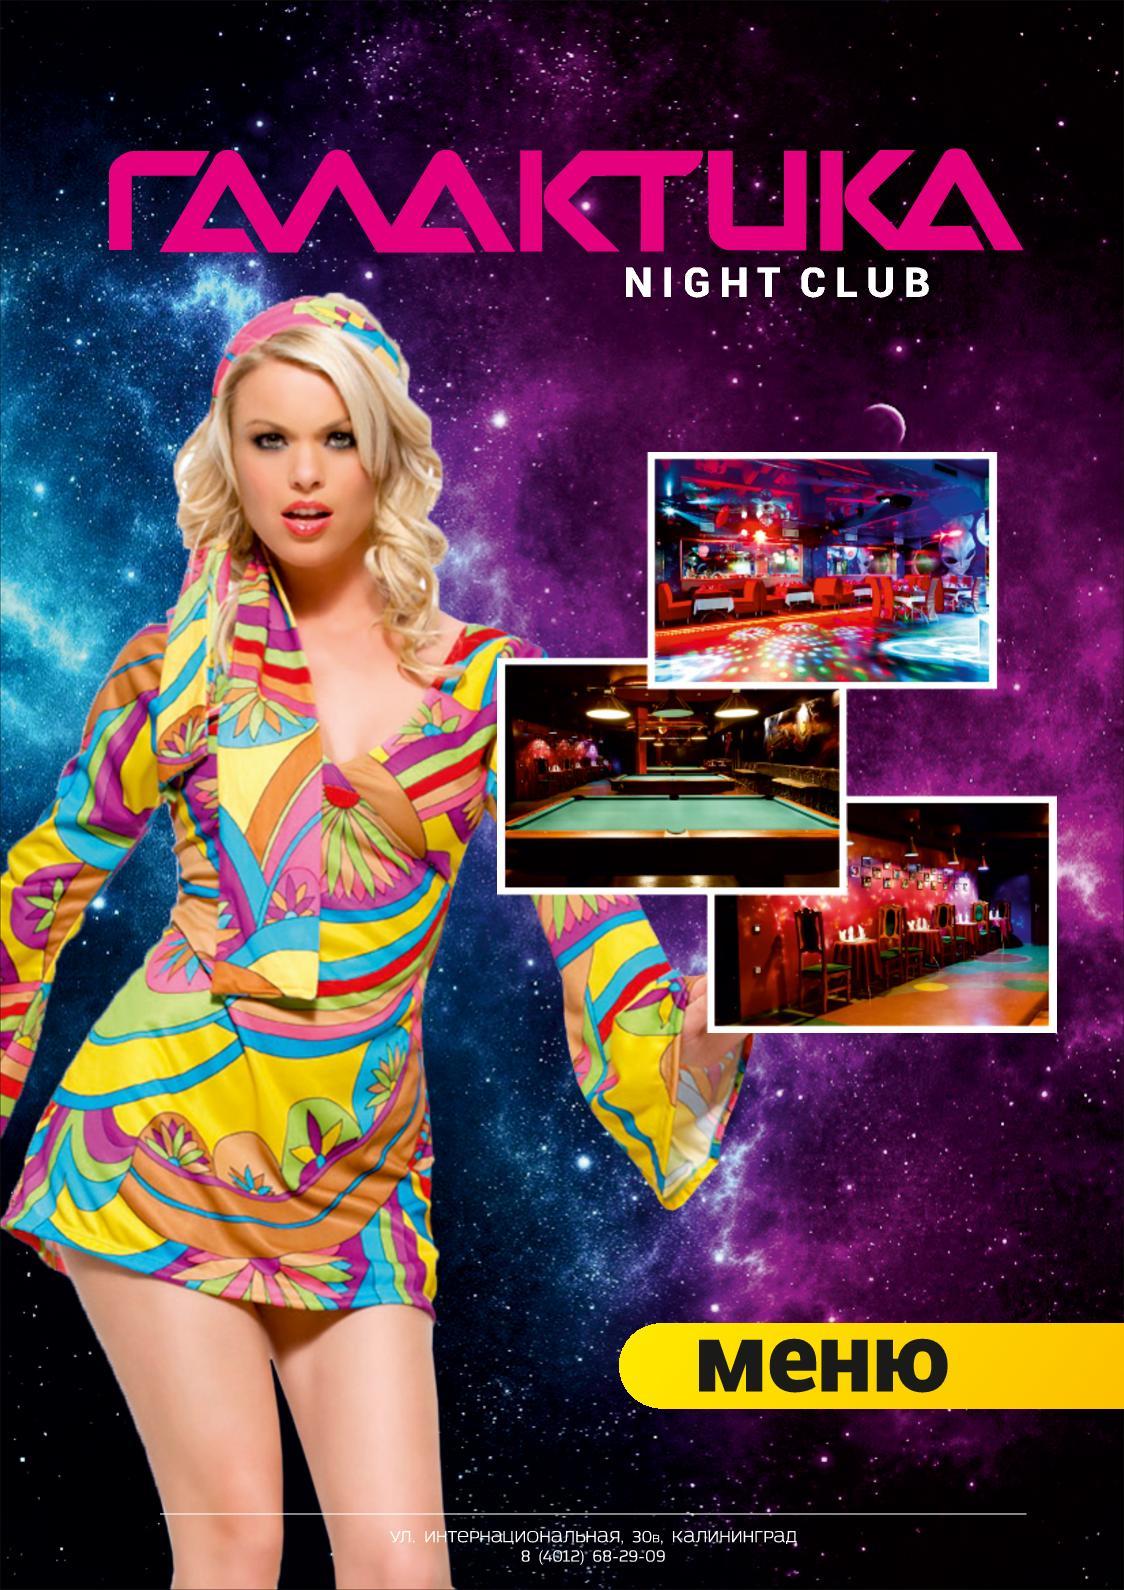 Ночной клуб галактика в скрытые камеры после ночного клуба